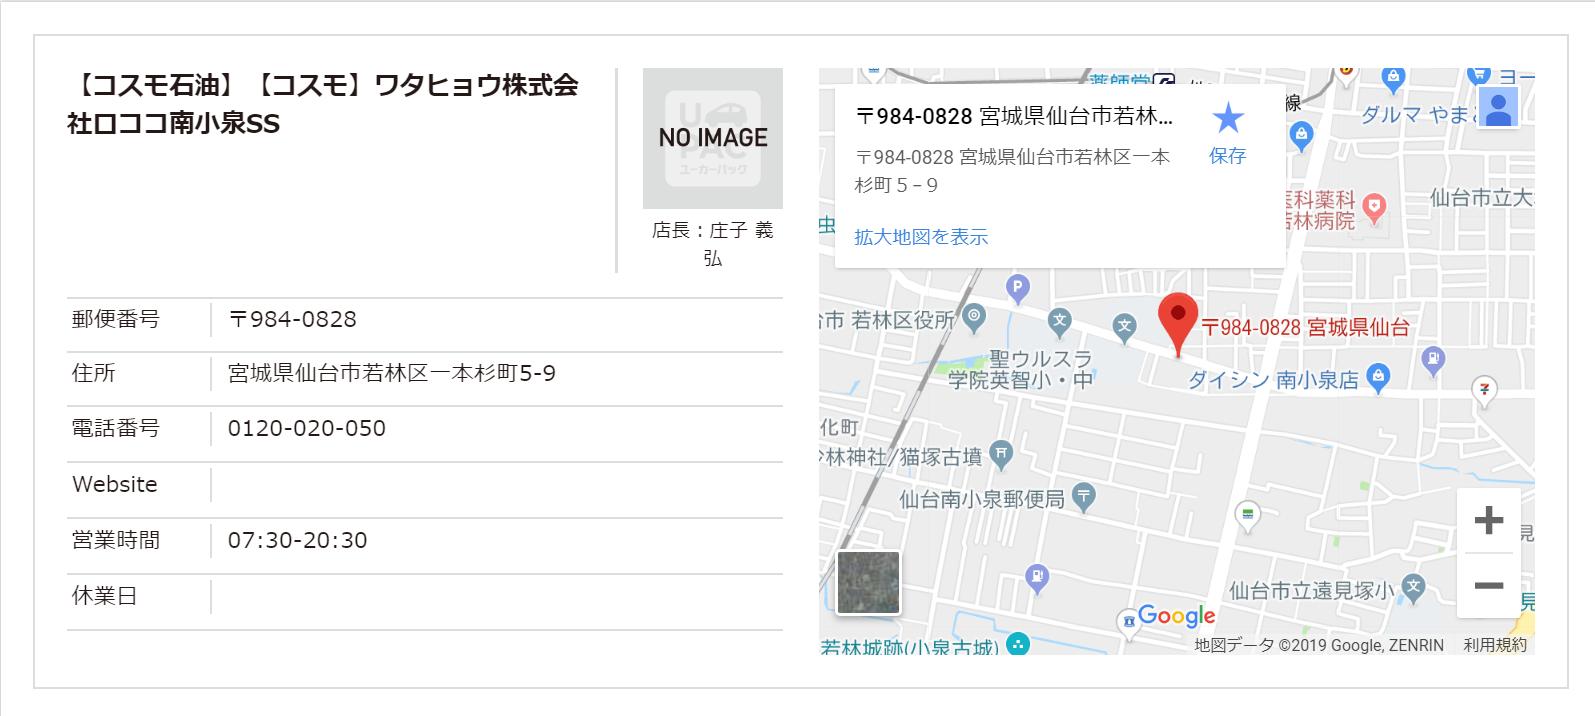 【コスモ石油】【コスモ】ワタヒョウ株式会社ロココ南小泉SS